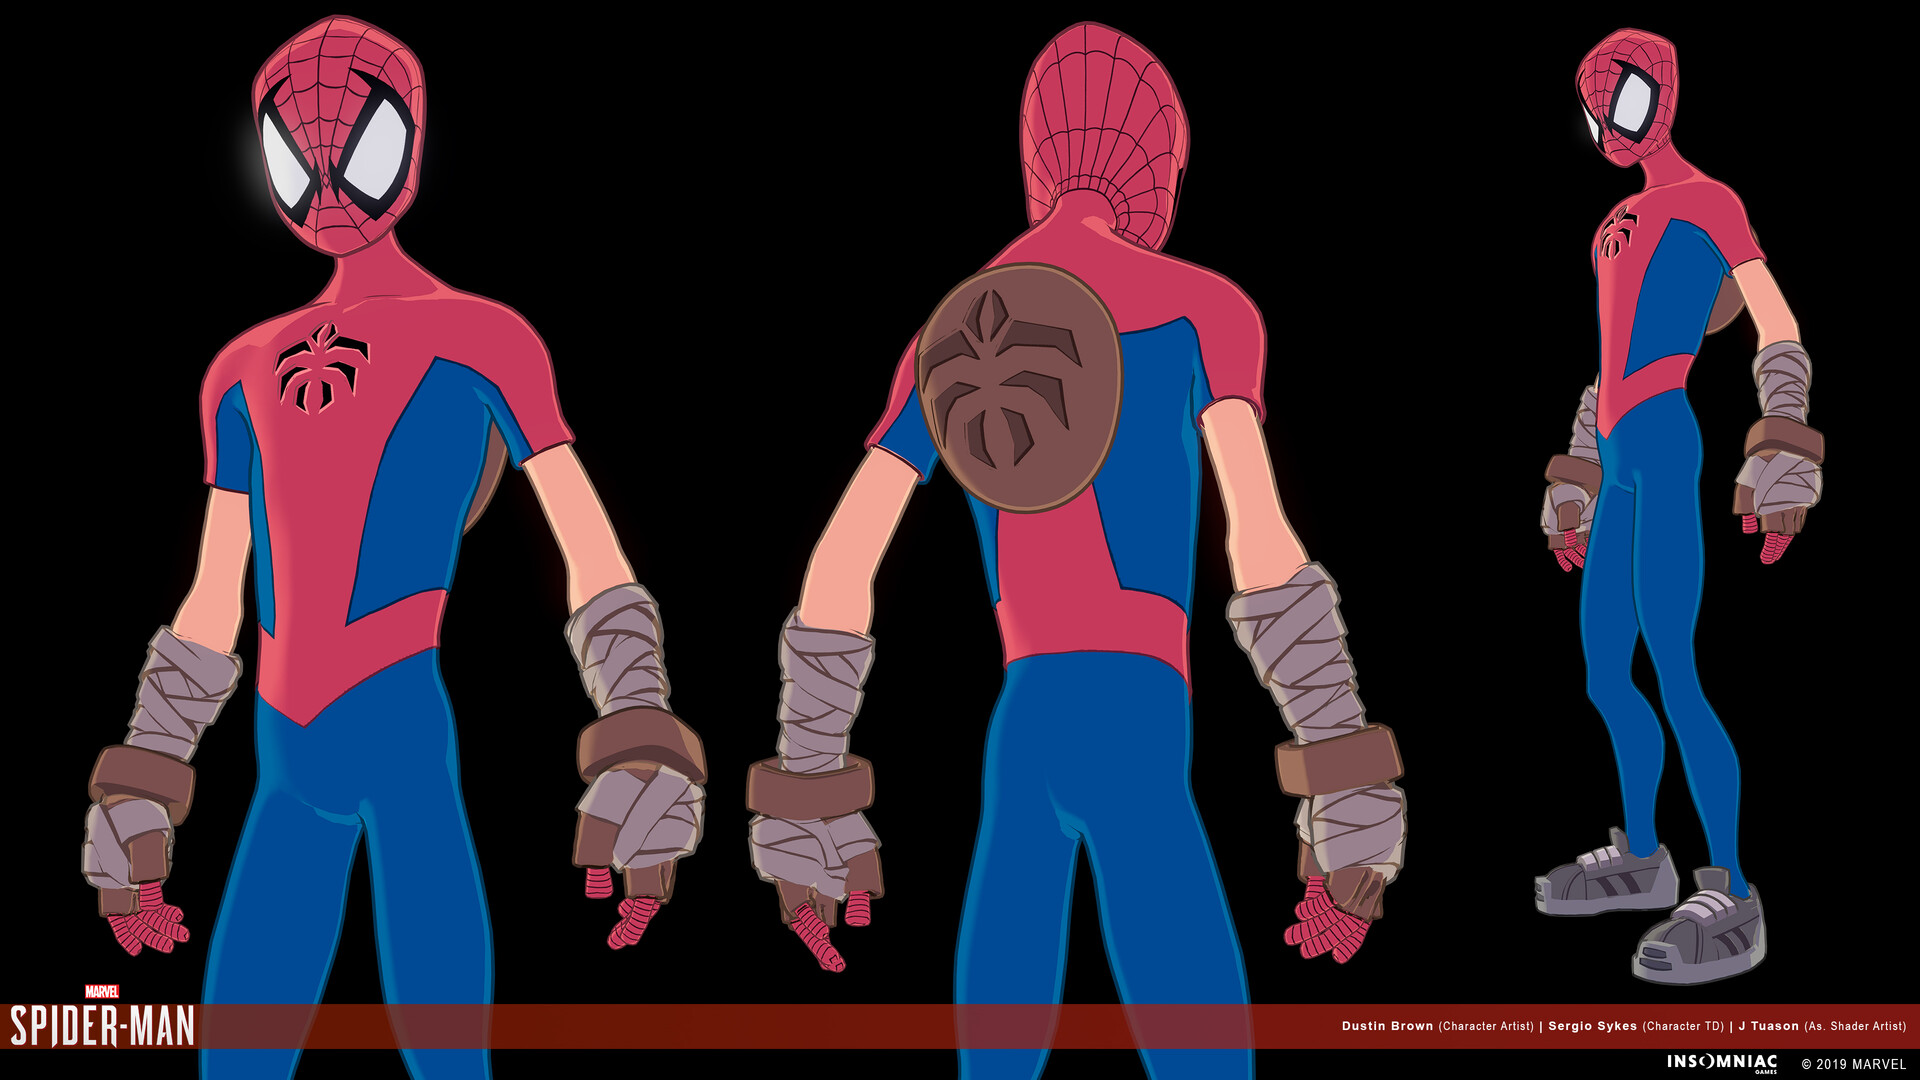 Dustin brown marvels spiderman herosuit mangaverse 01